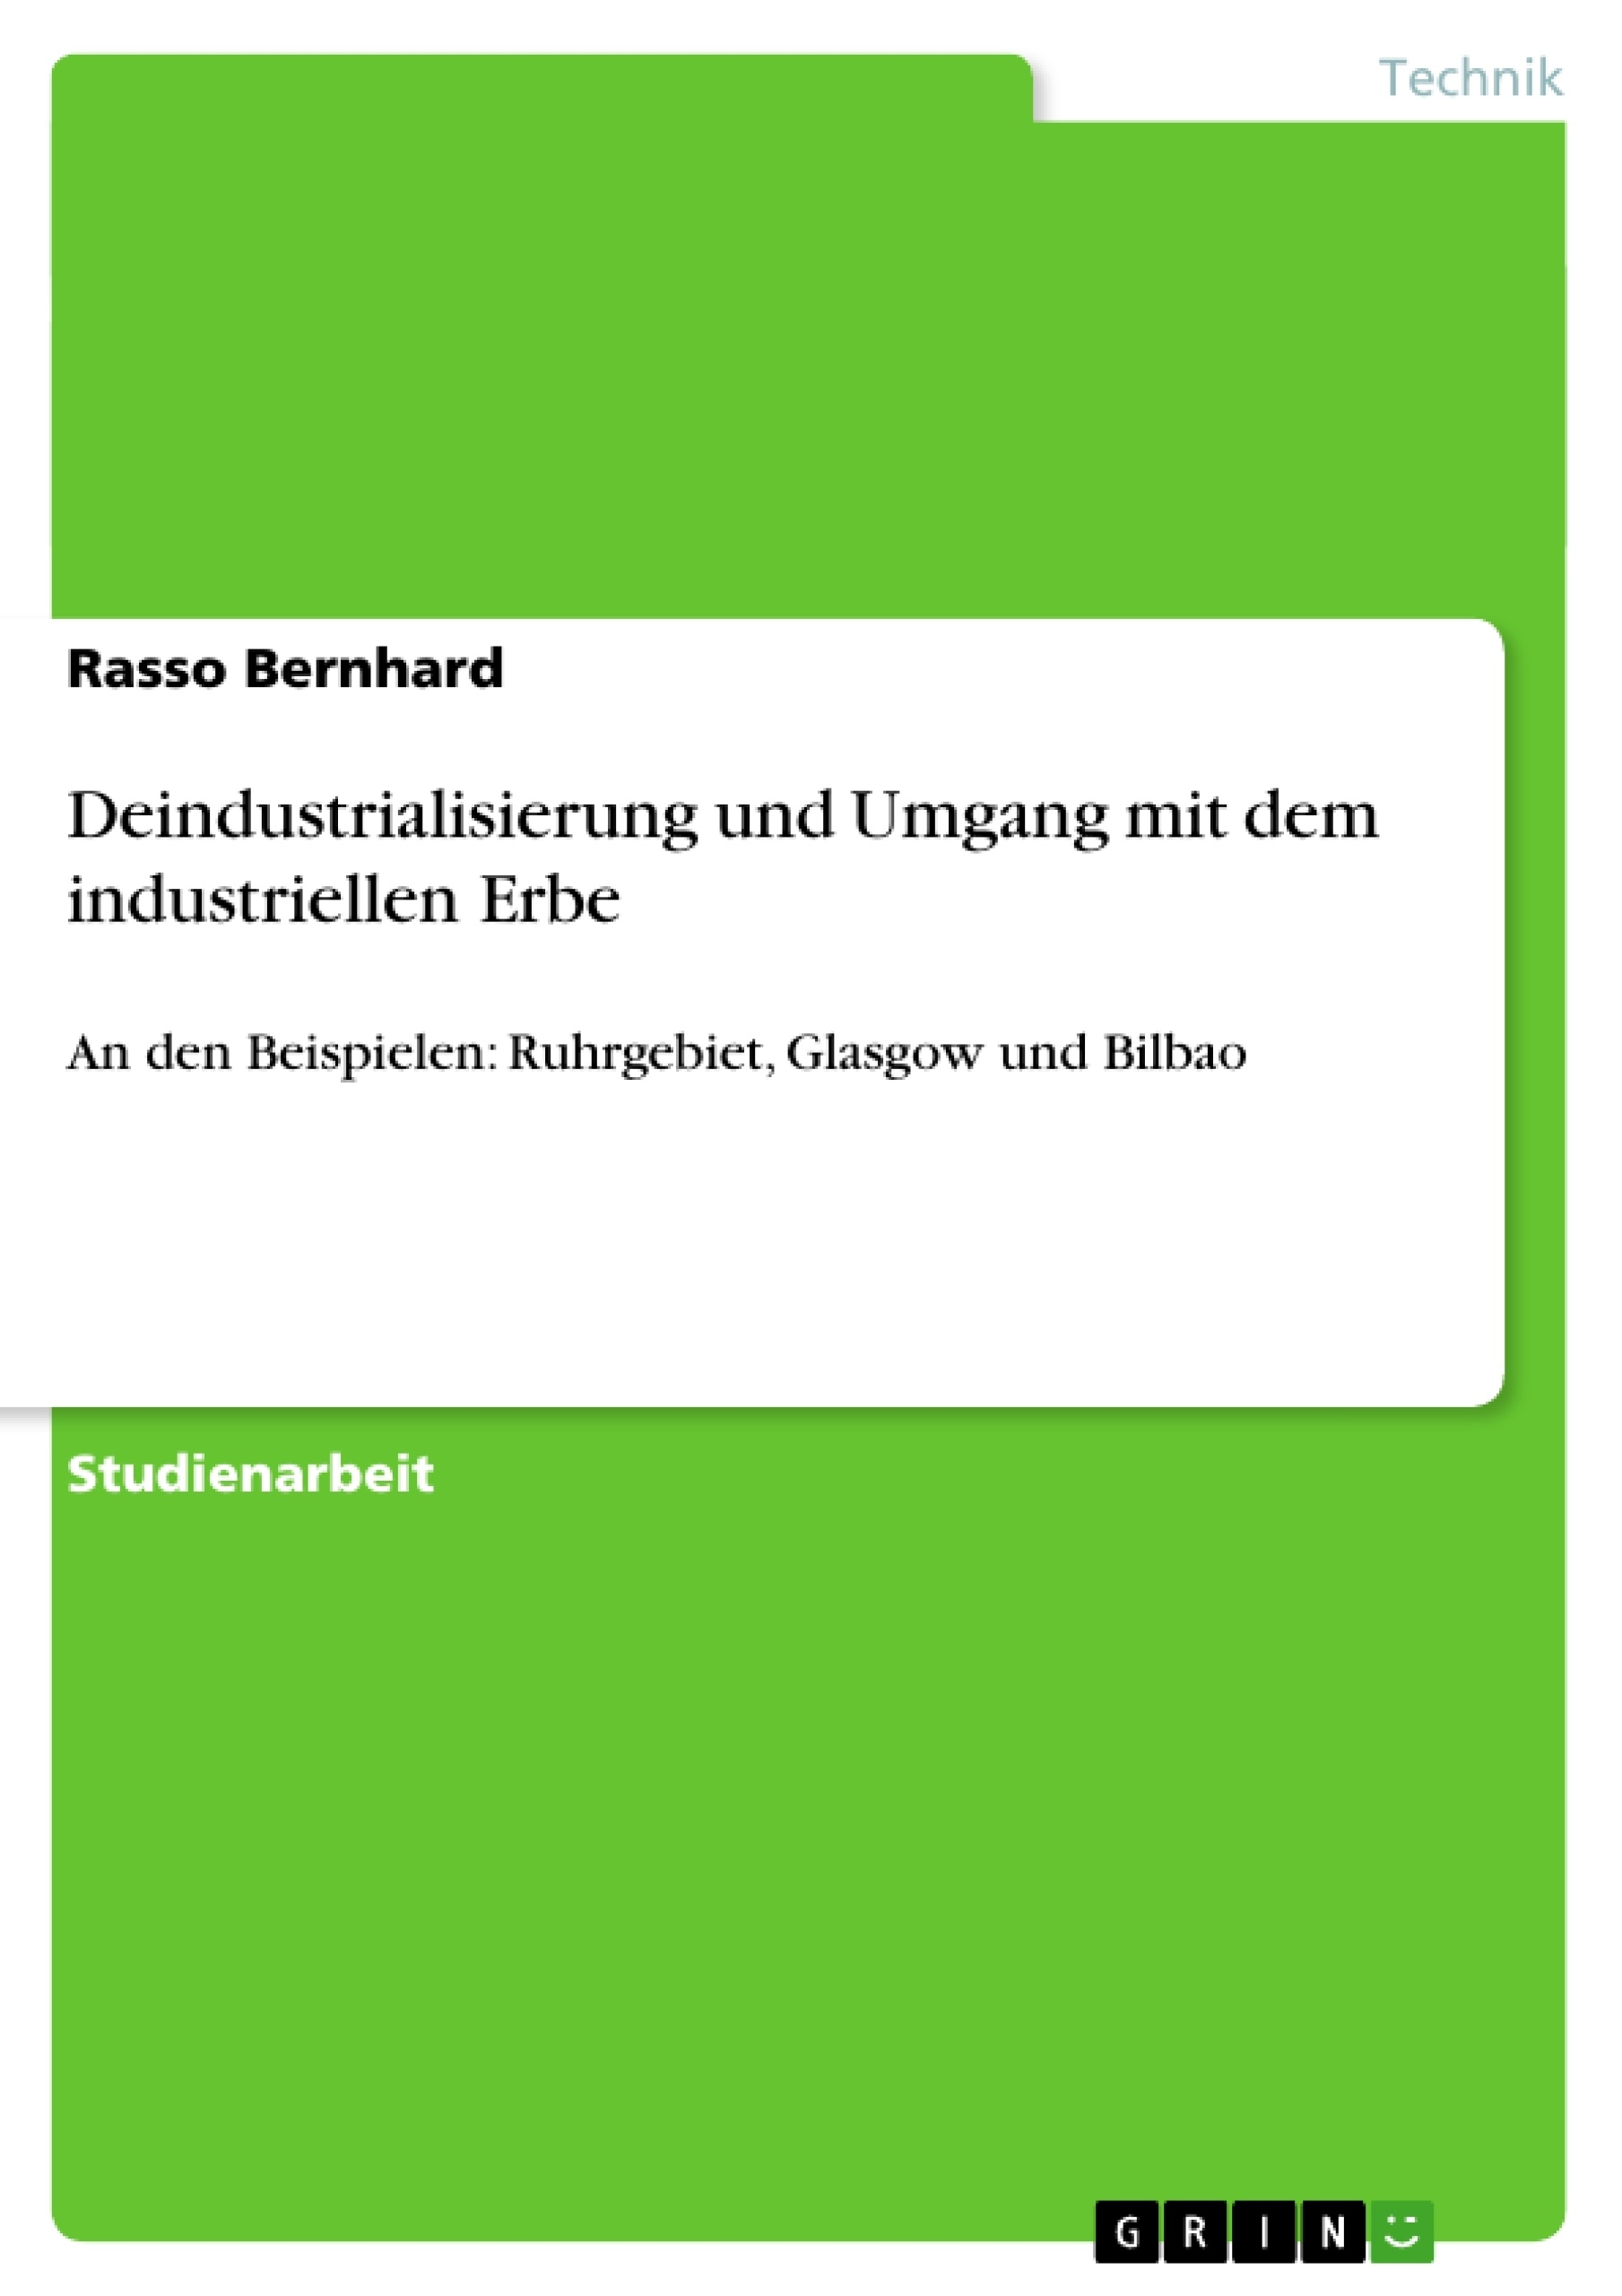 Titel: Deindustrialisierung und Umgang mit dem industriellen Erbe